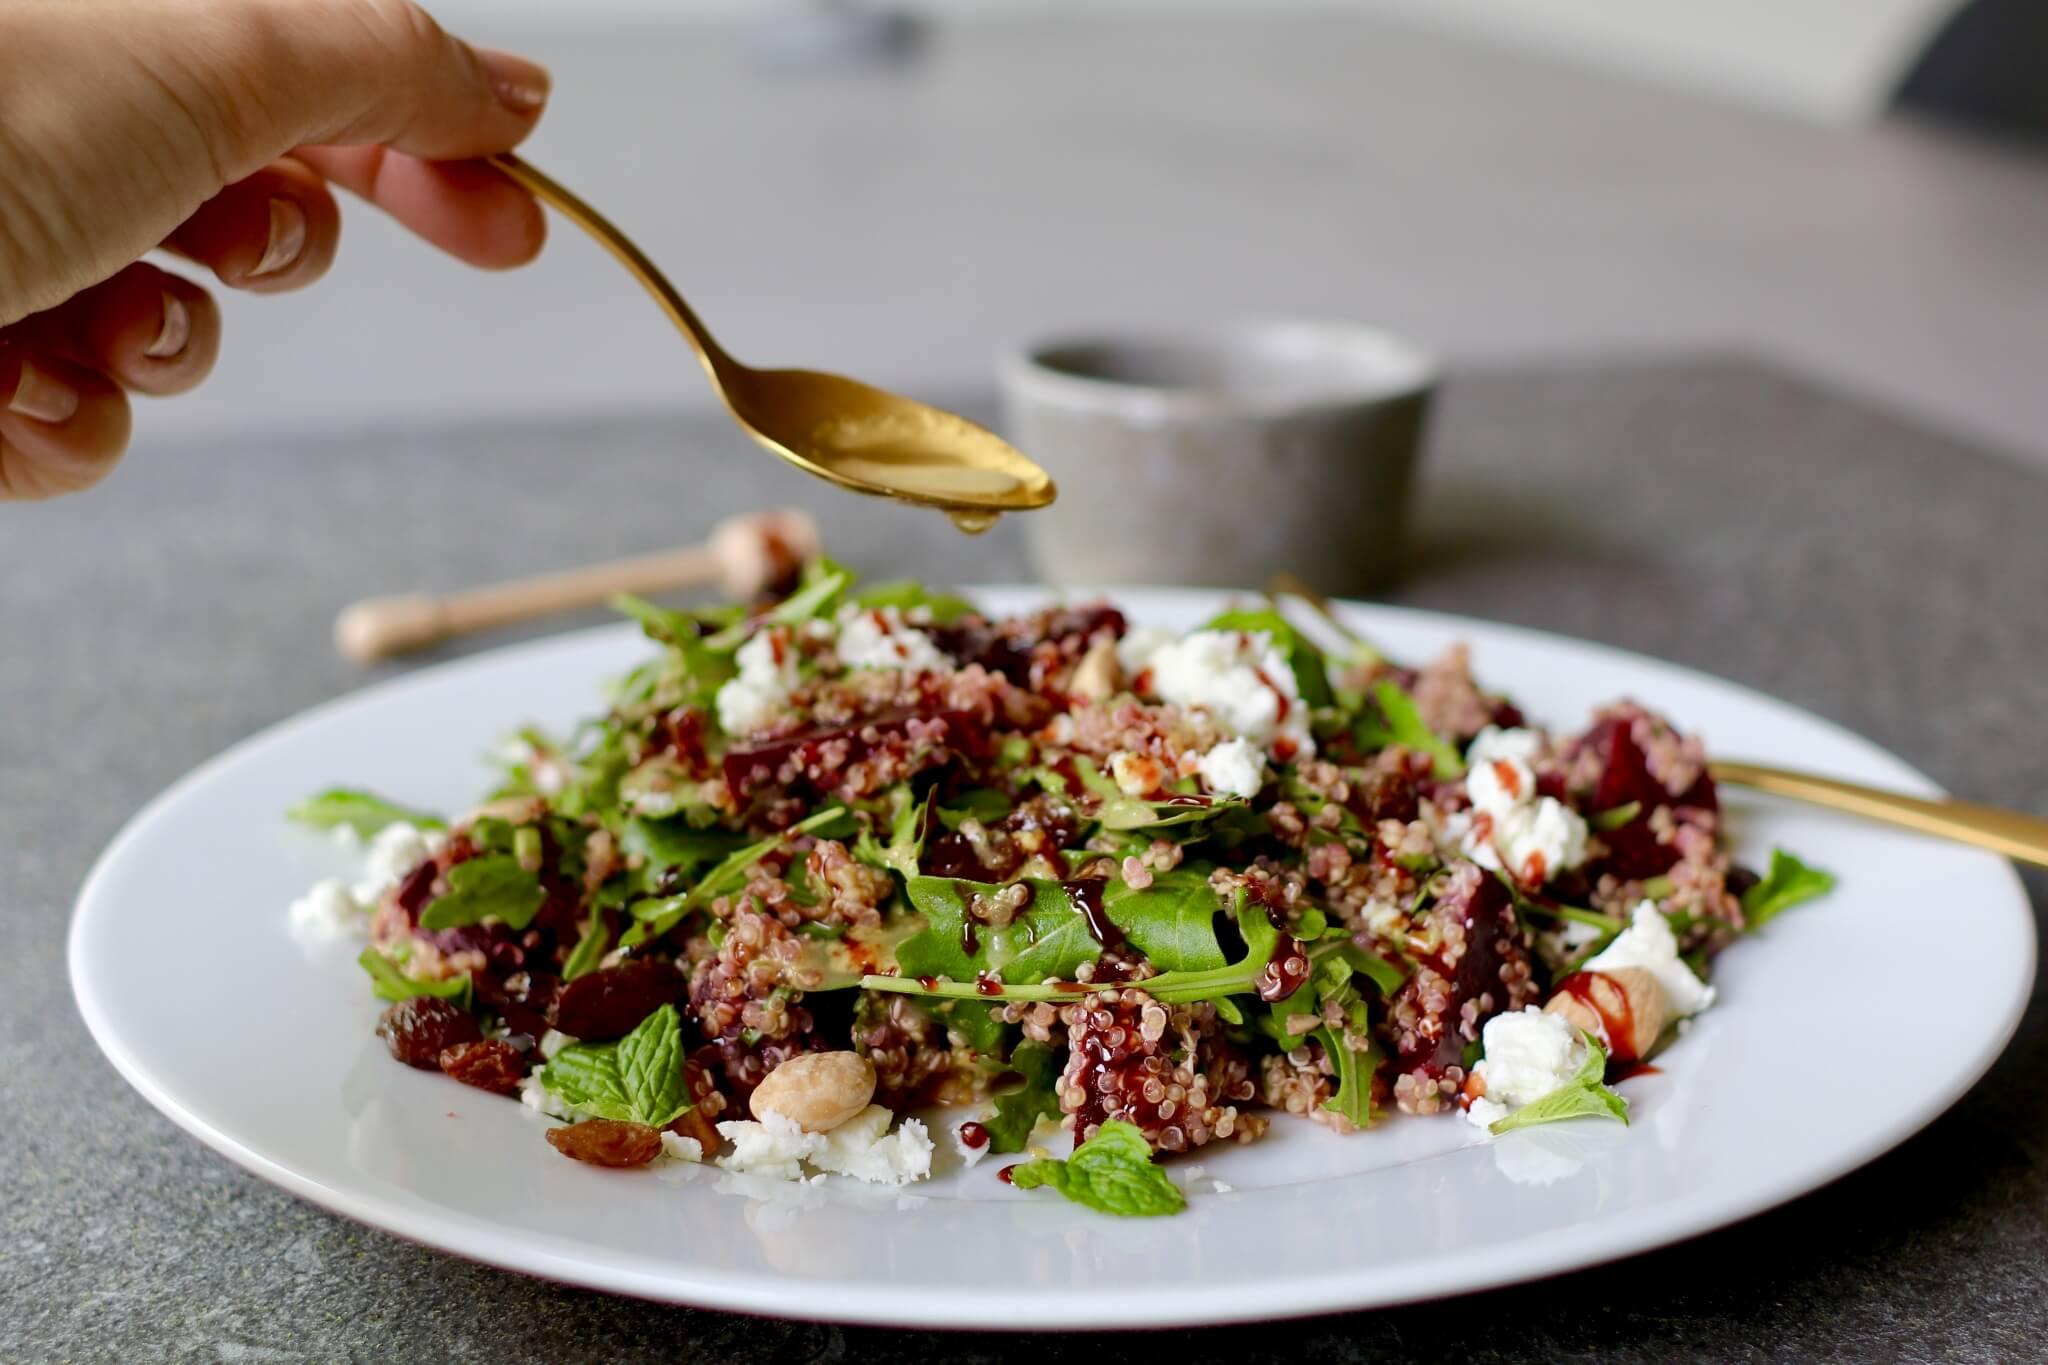 Quinoa salade met feta en amandelen, Gezonde lunch salades, Glutenvrij lunchen, Lunchen zonder brood, Beaufood recepten, Gezonde foodblogs, Glutenvrije foodblogs